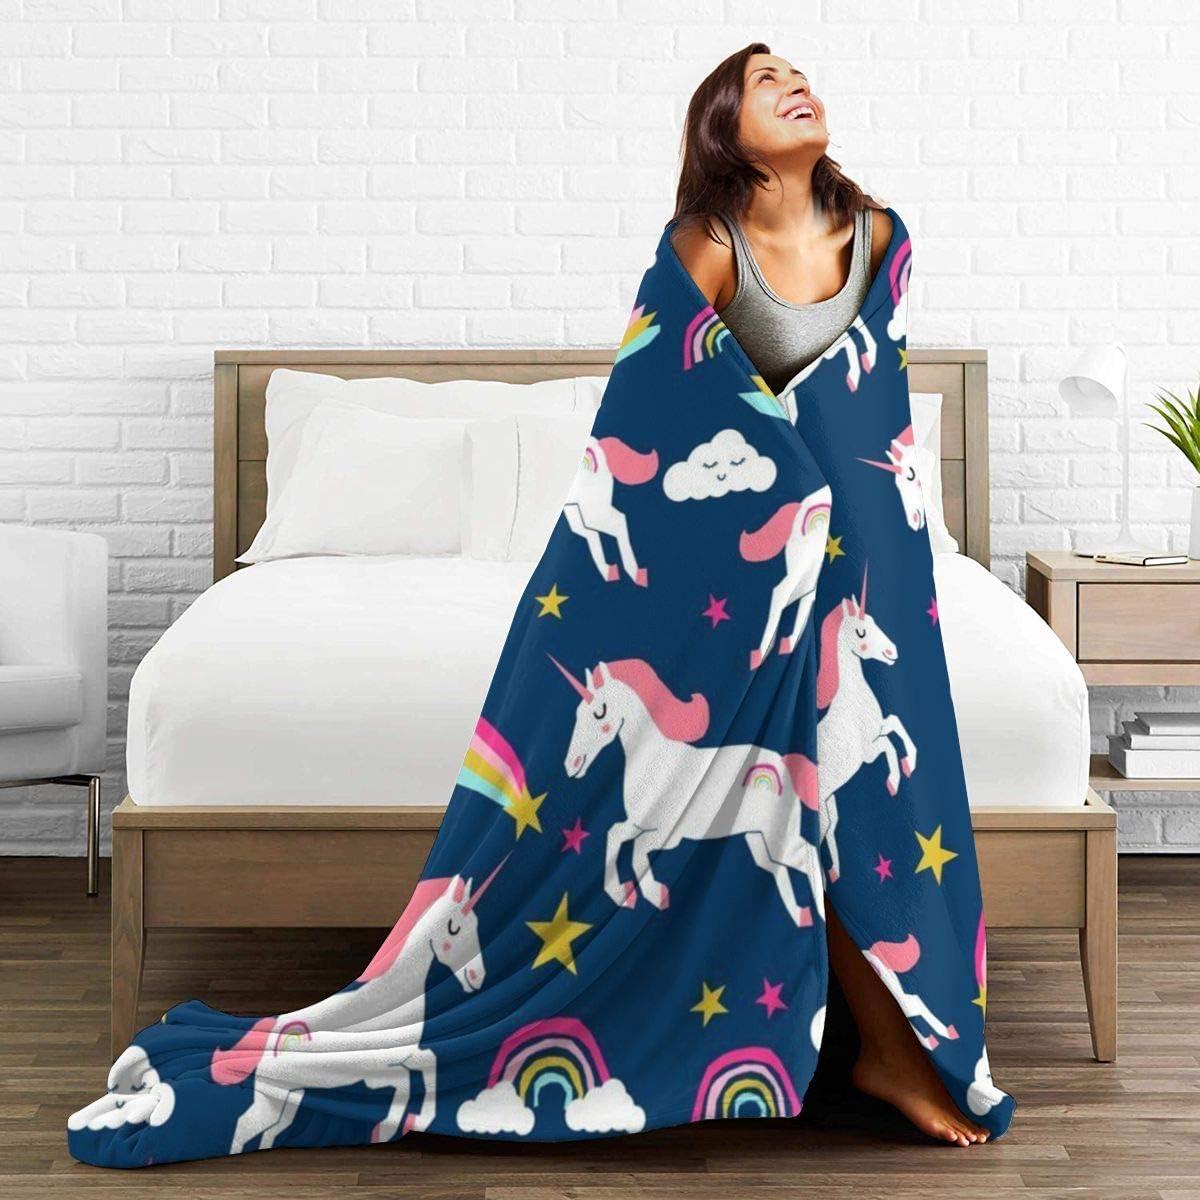 wearing-fleece-blanket-in-cold-season